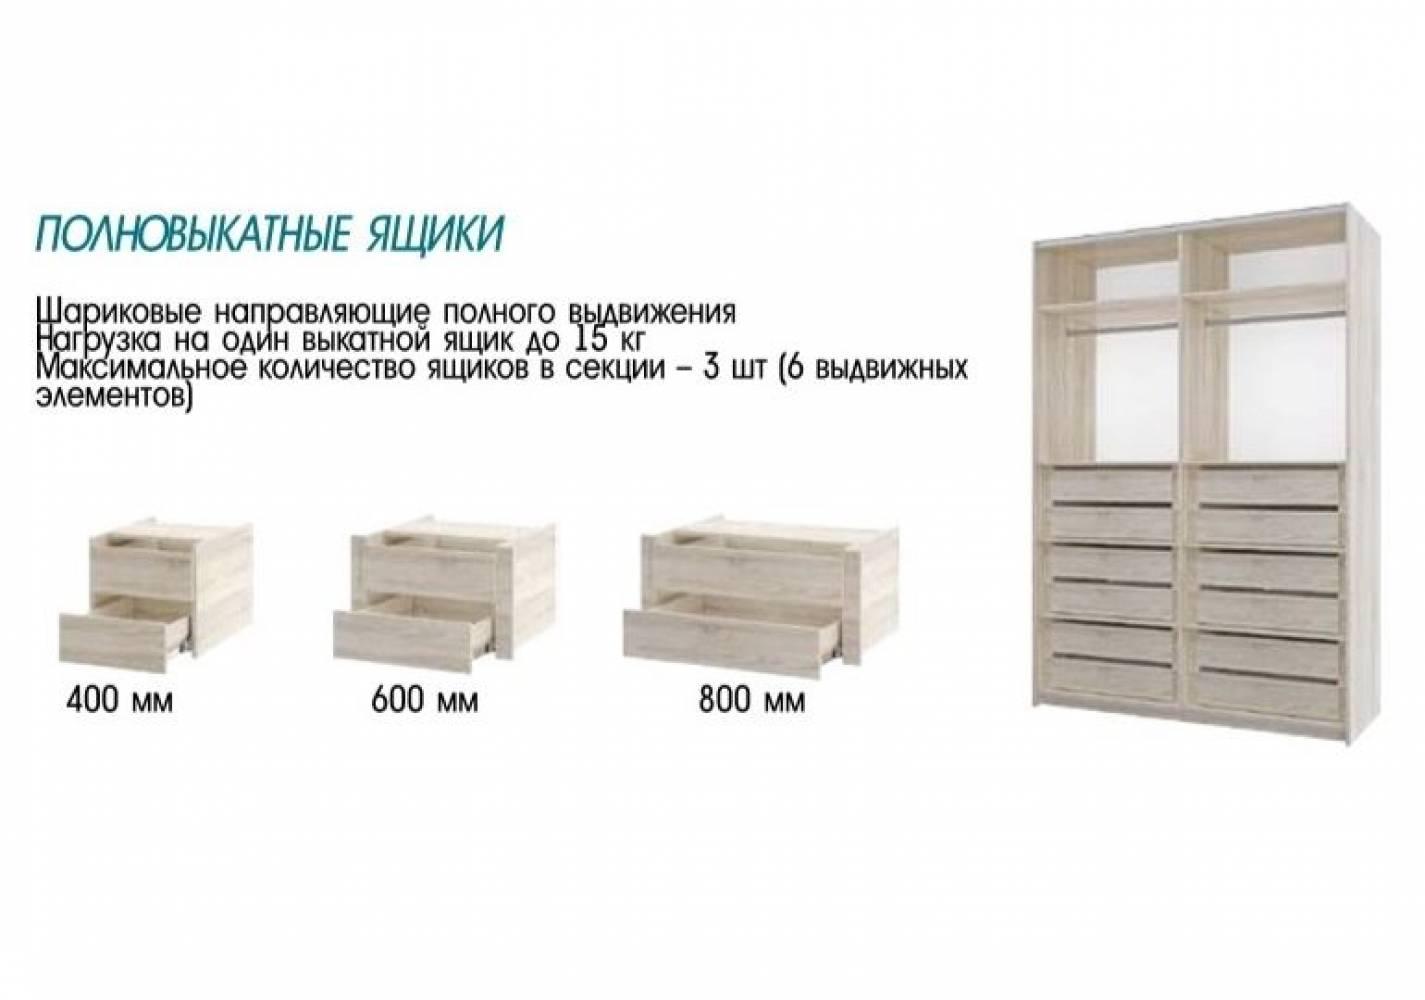 Шкаф Фортуна-1 (2200) 400/400/600/800